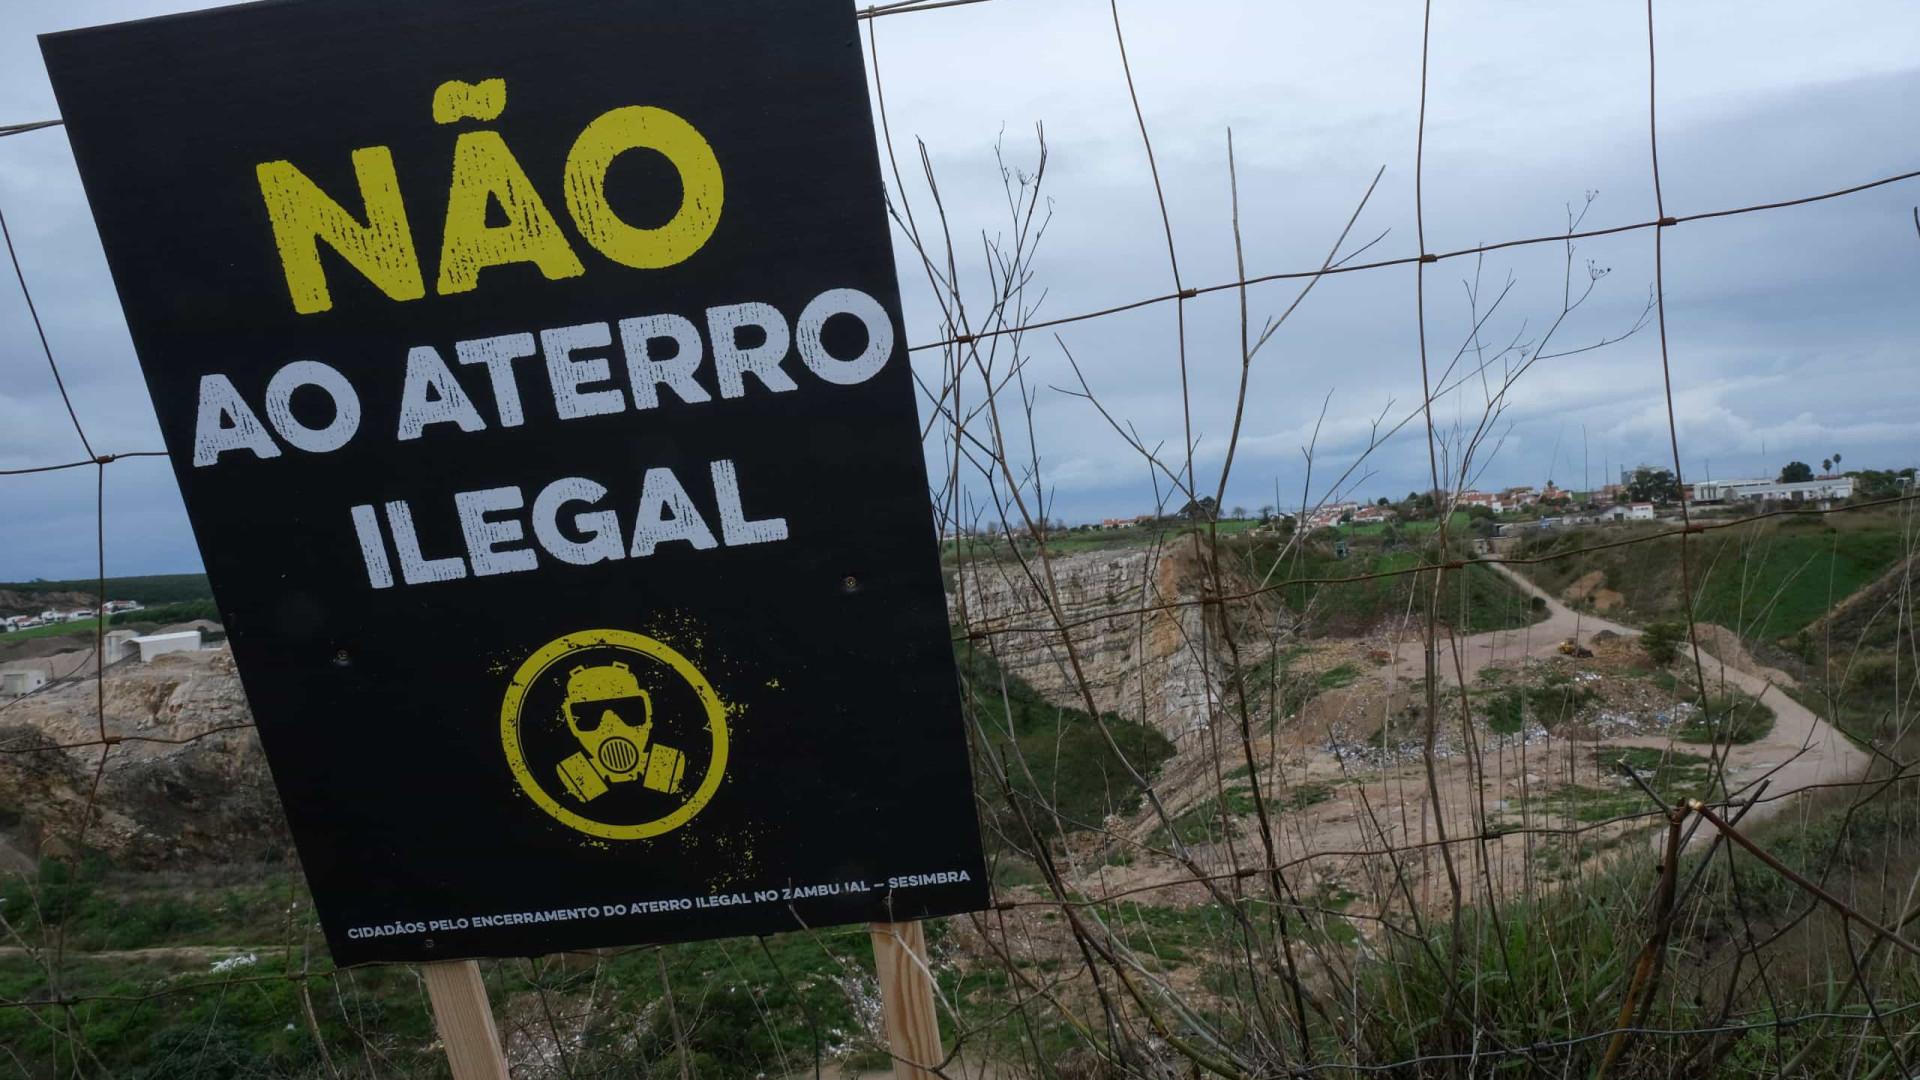 Mais de 200 pessoas em protesto contra aterro ilegal em Sesimbra